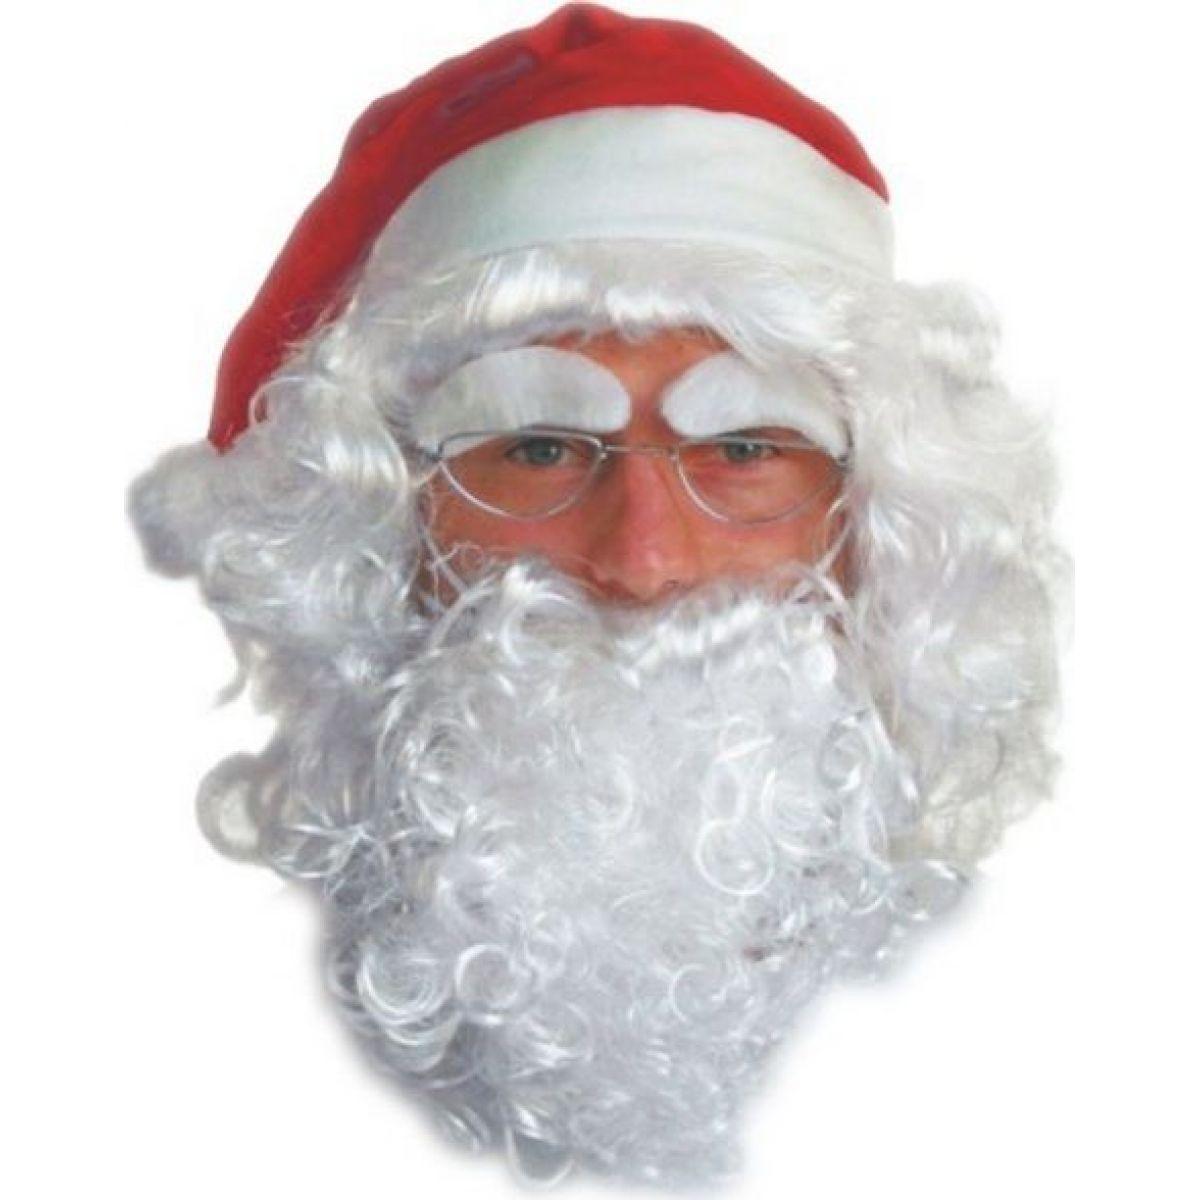 Rappa Paruka Santa Claus nebo Mikuláš, dospělá